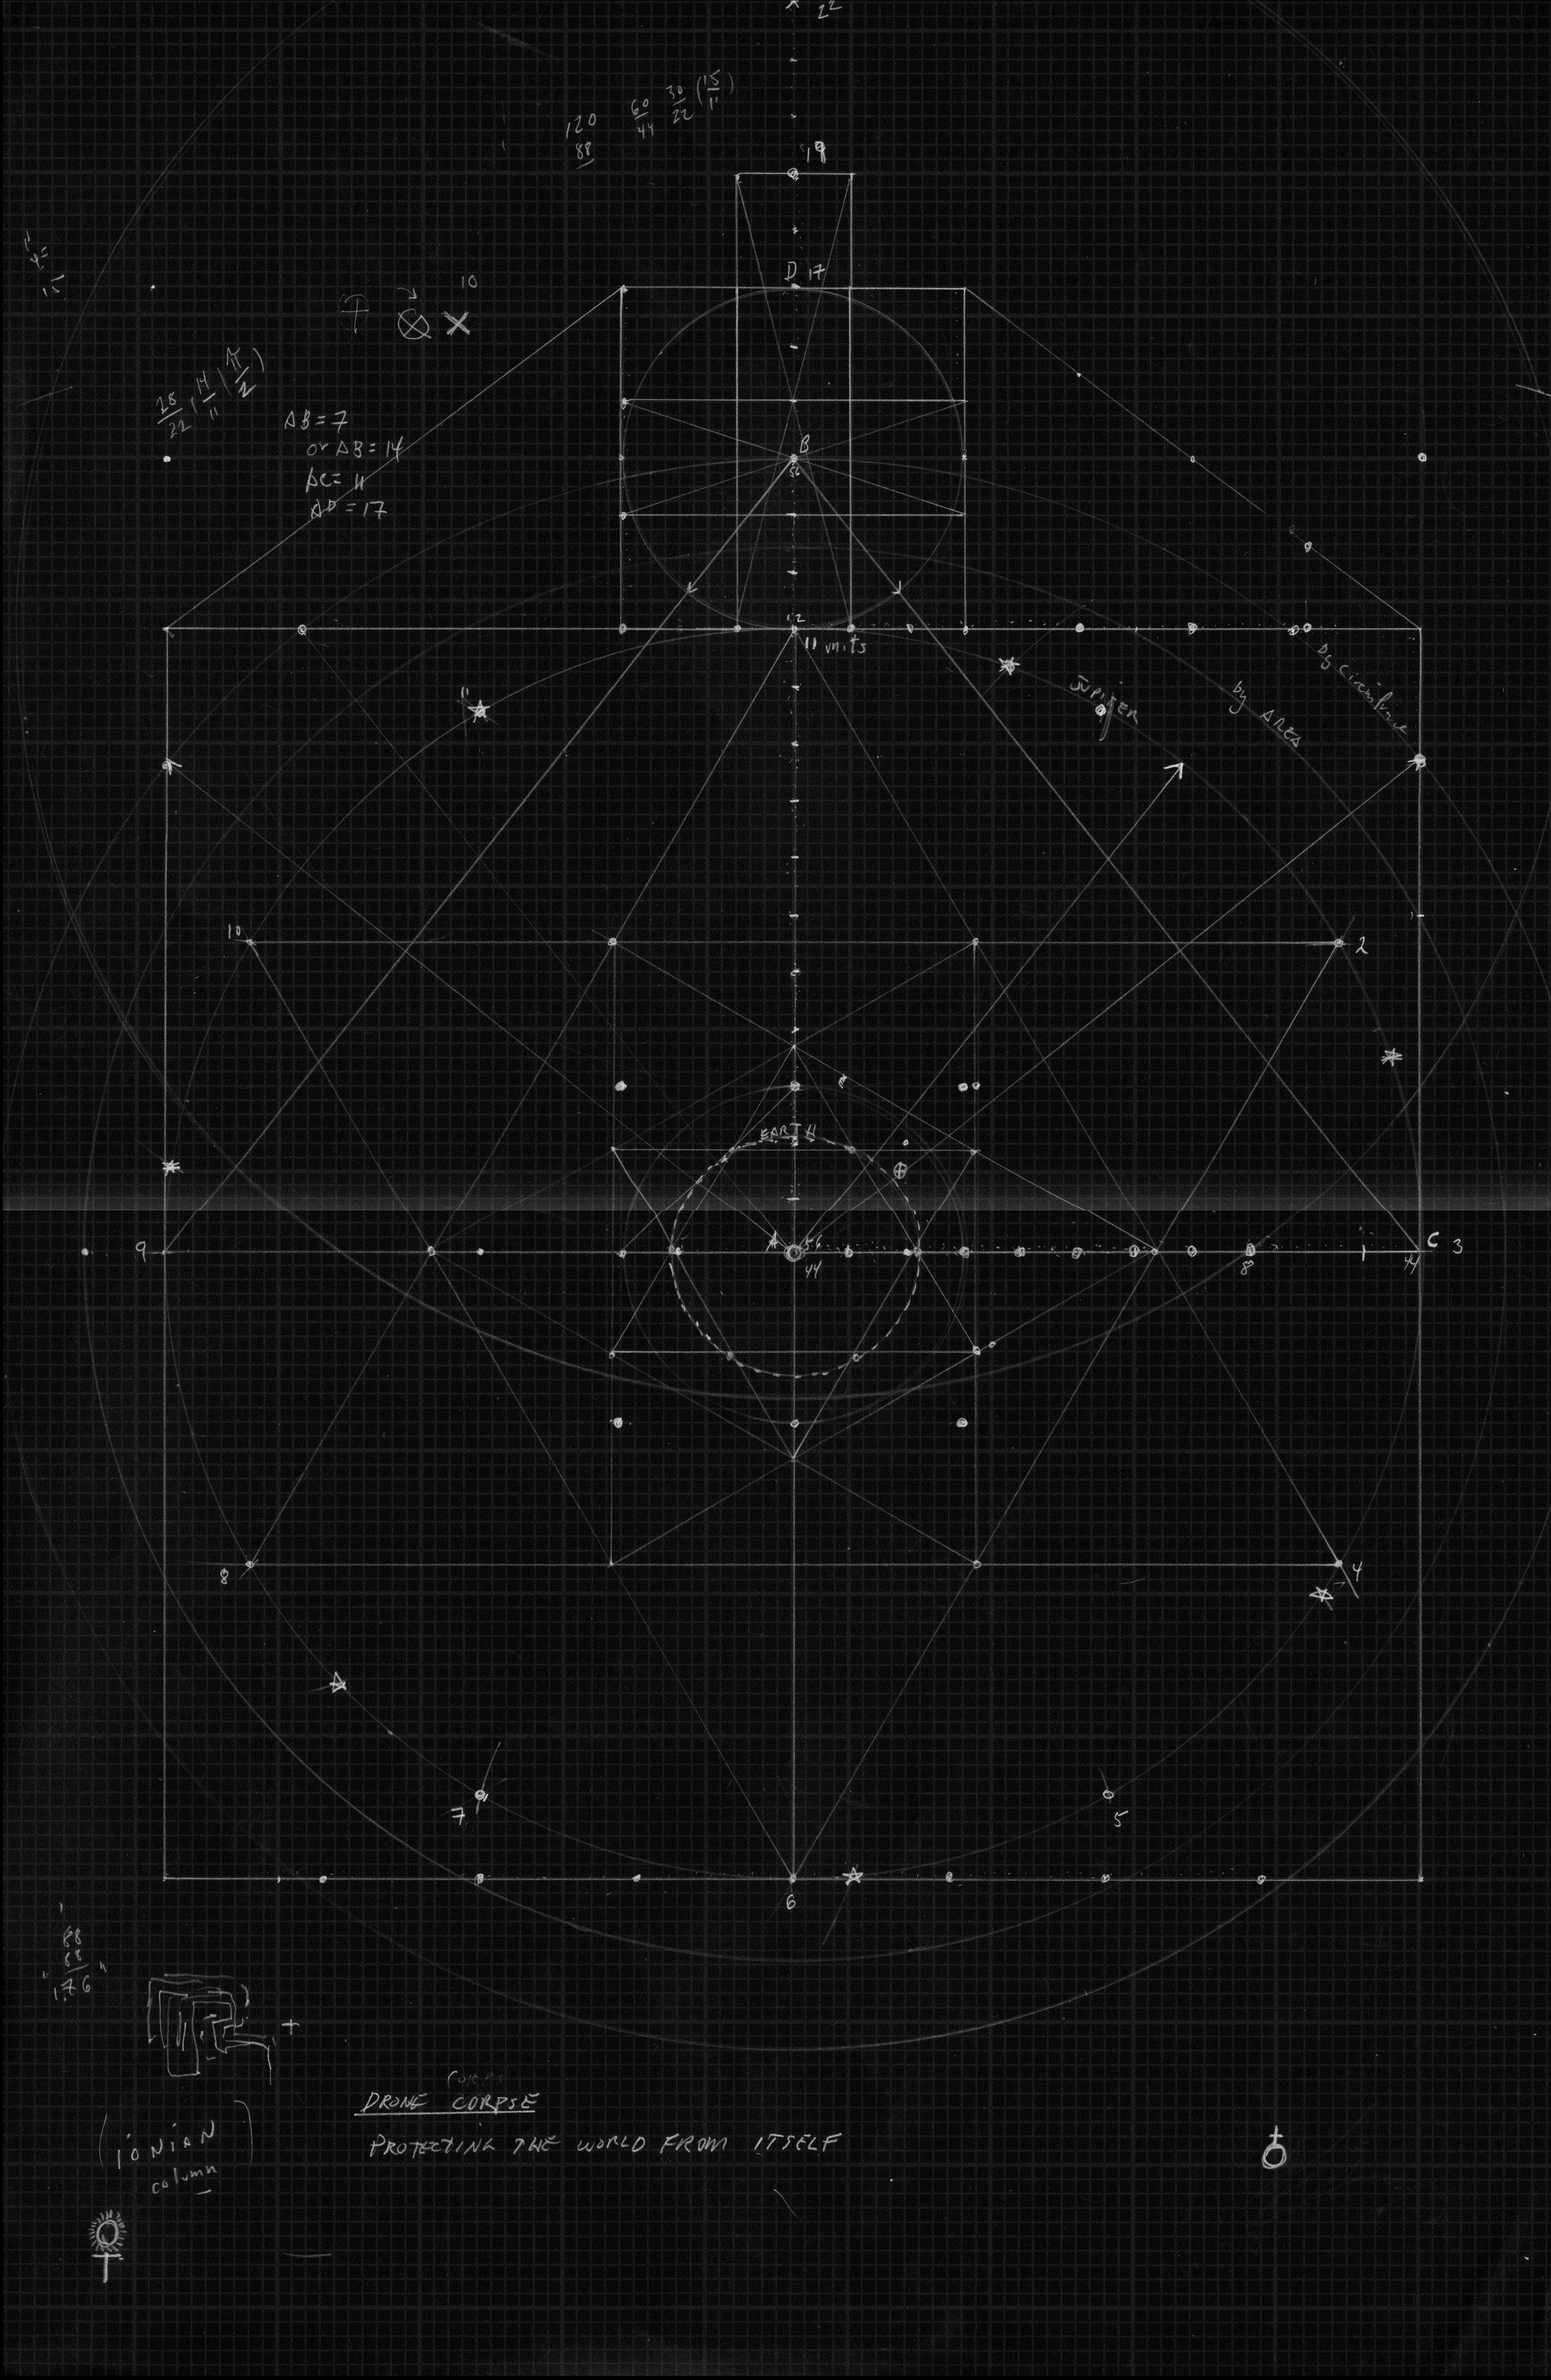 Ana-Khronic Guidance System, 2019. Inkjet print, 20 x 13.5 in (framed)